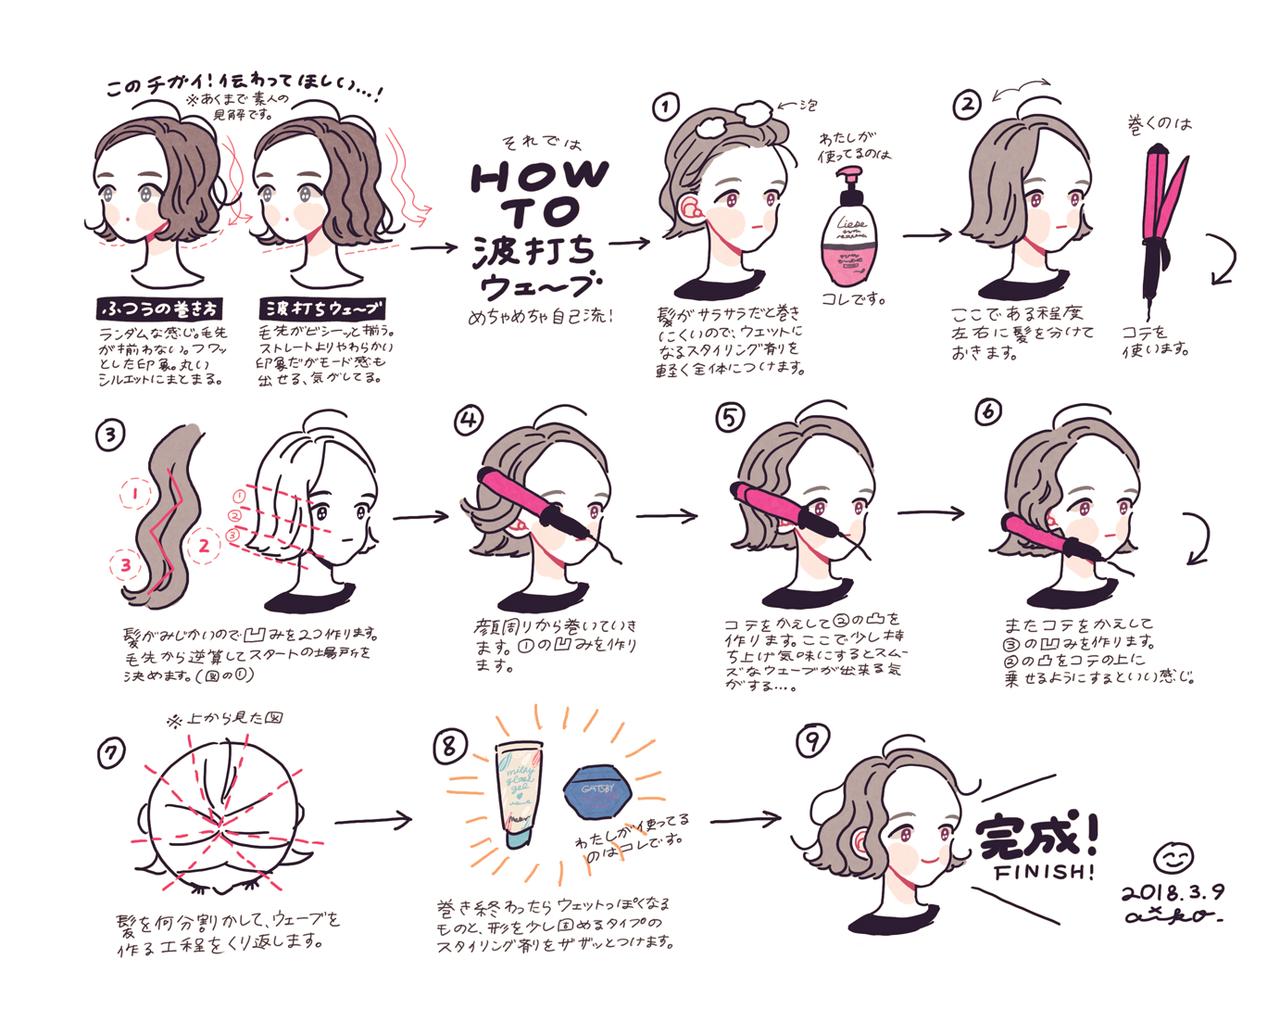 Illustration ショートヘア スタイリング 巻き髪アレンジ カラフル